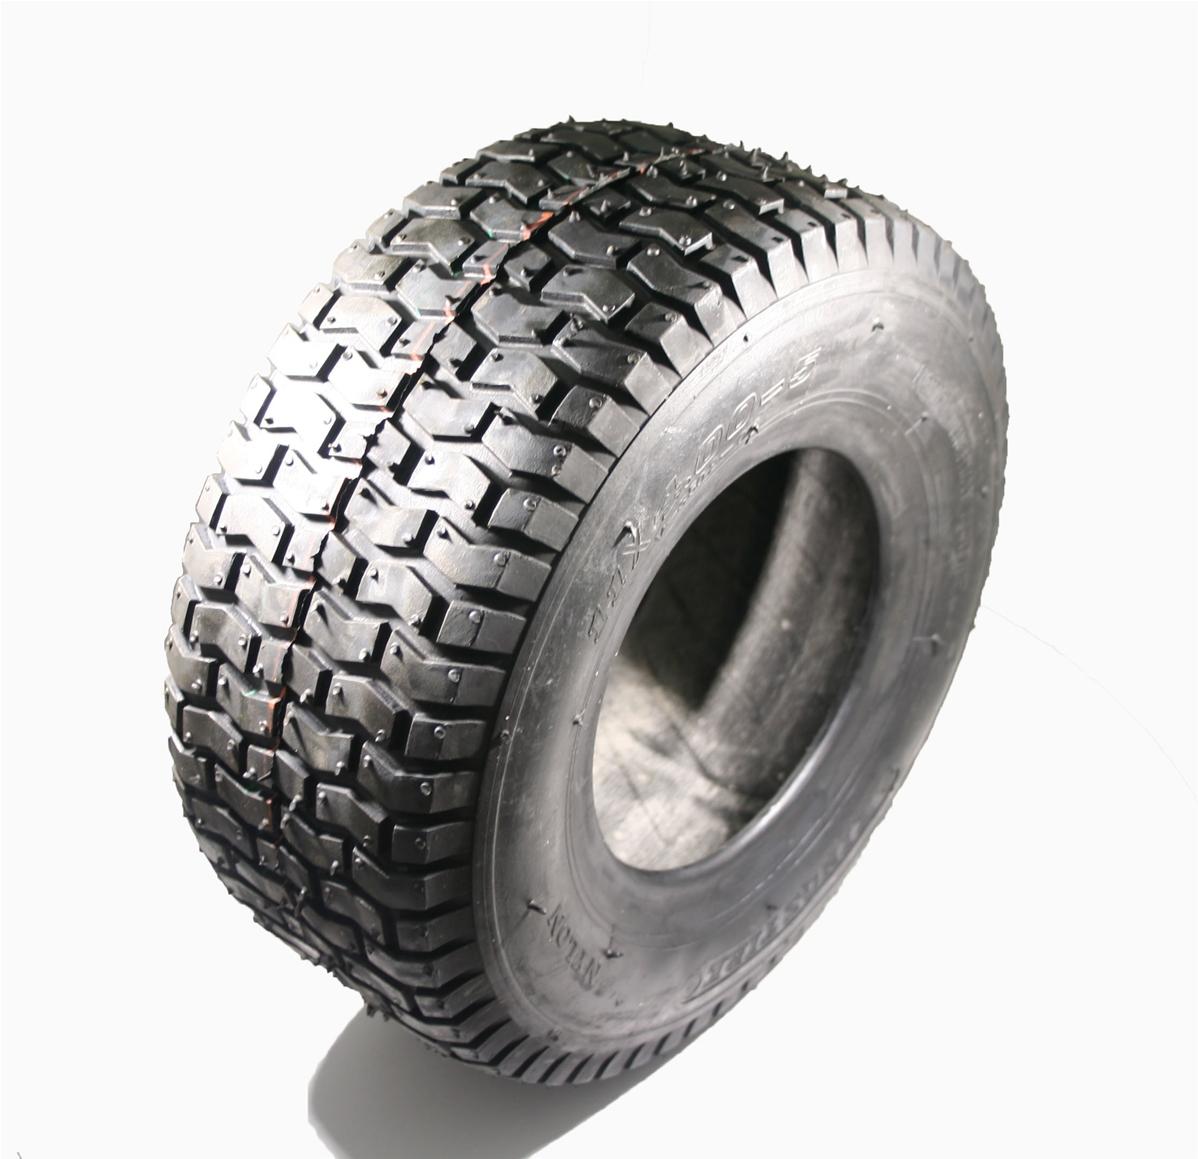 pneu tracteur tondeuse autoport e 11x400x5 gazon. Black Bedroom Furniture Sets. Home Design Ideas